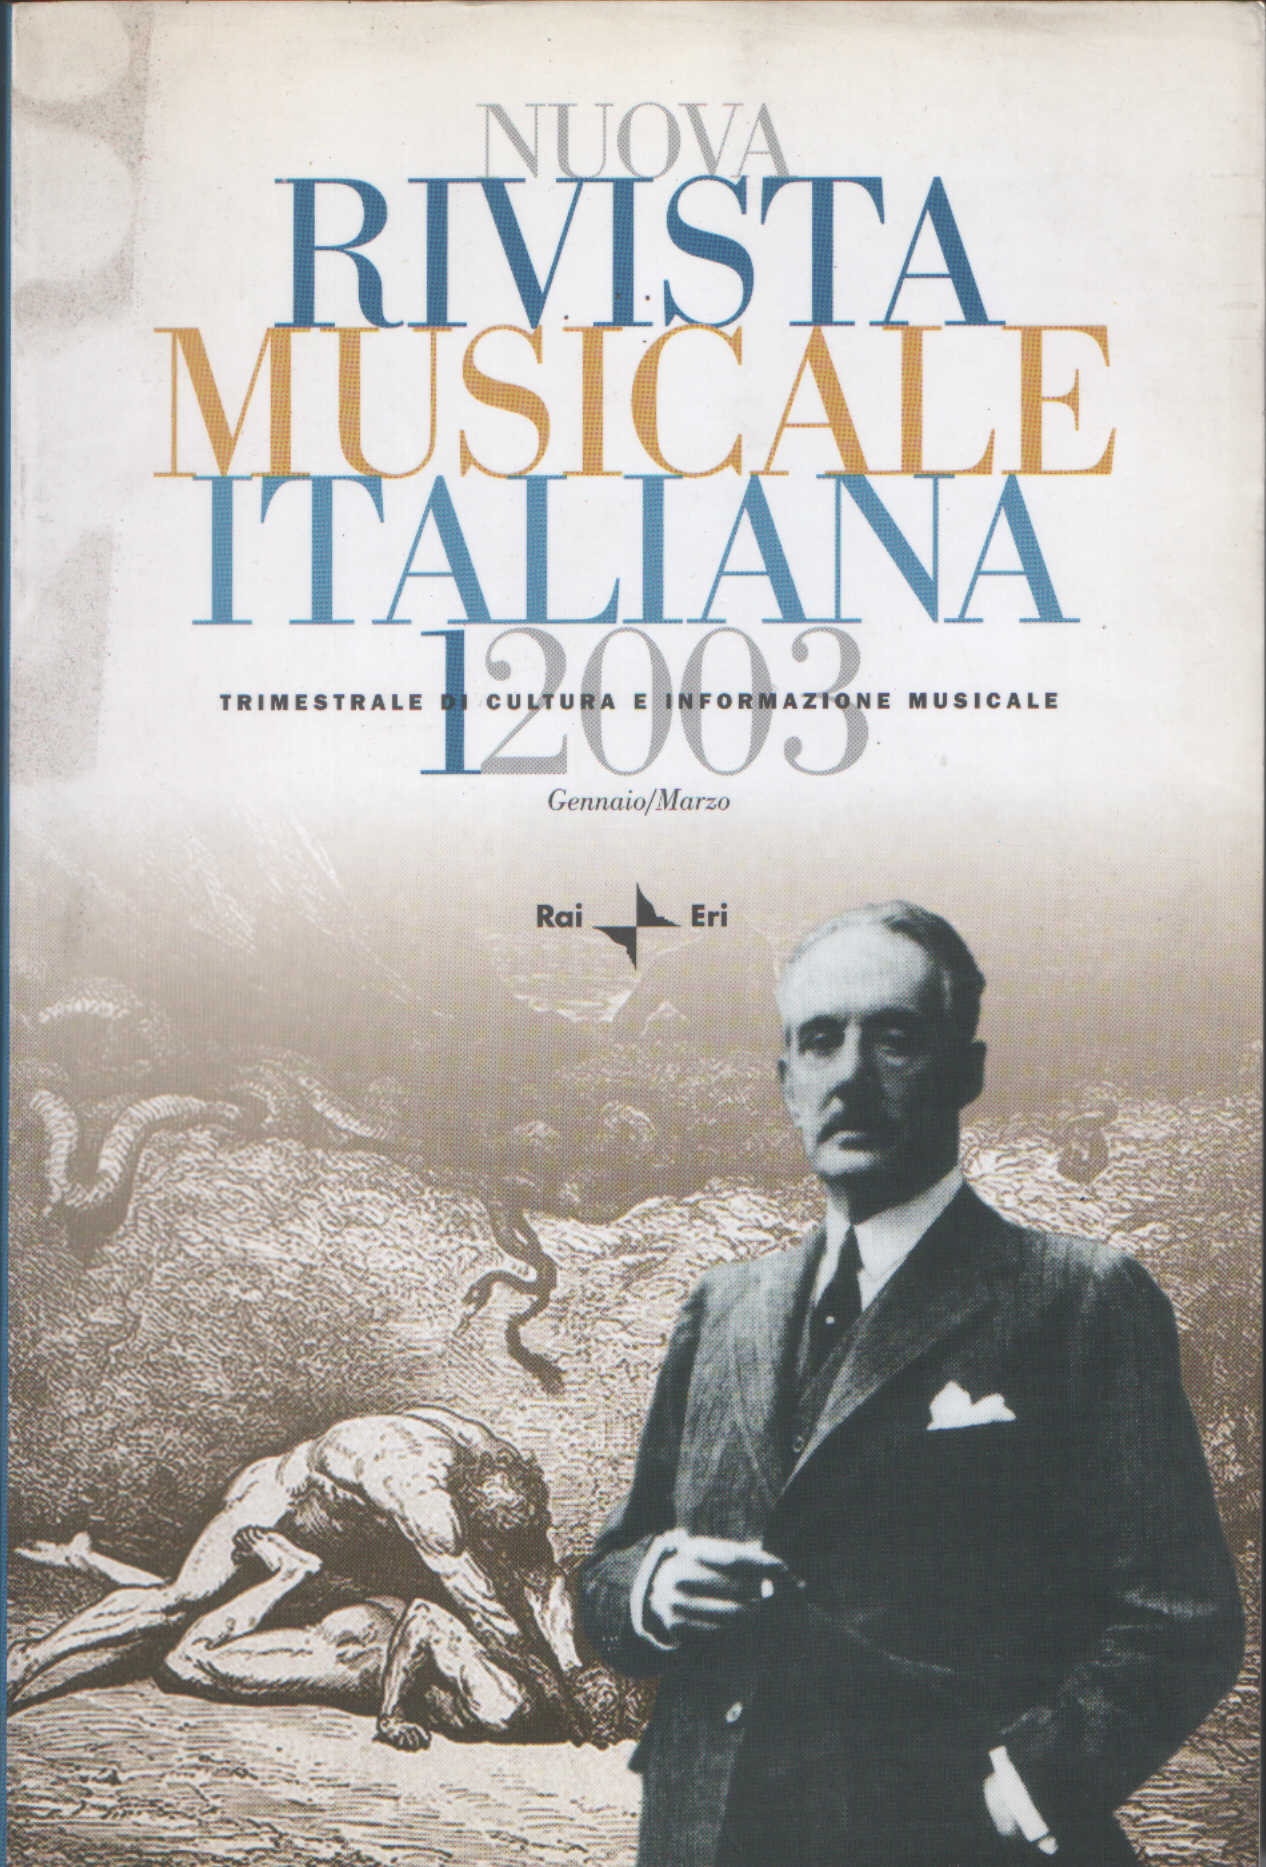 Nuova rivista musicale italiana - n.1/2003